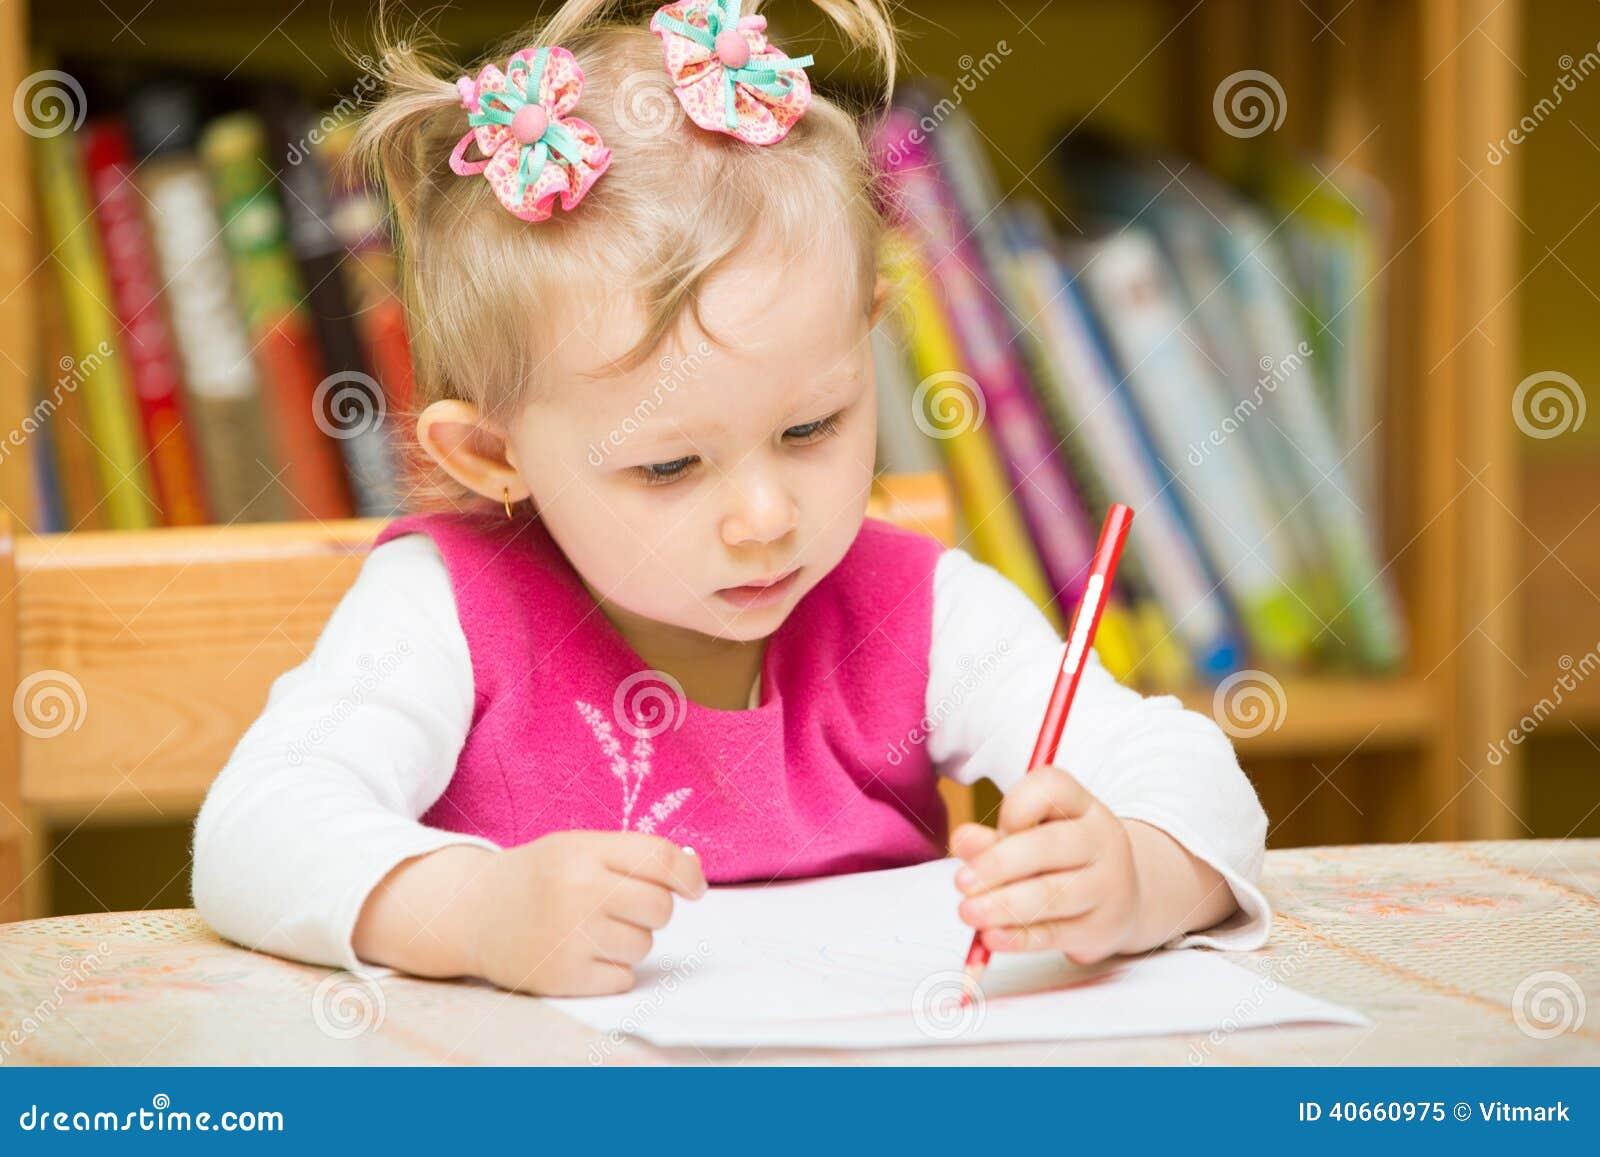 Dessin mignon de fille d 39 enfant avec les crayons color s for Table de jardin enfants